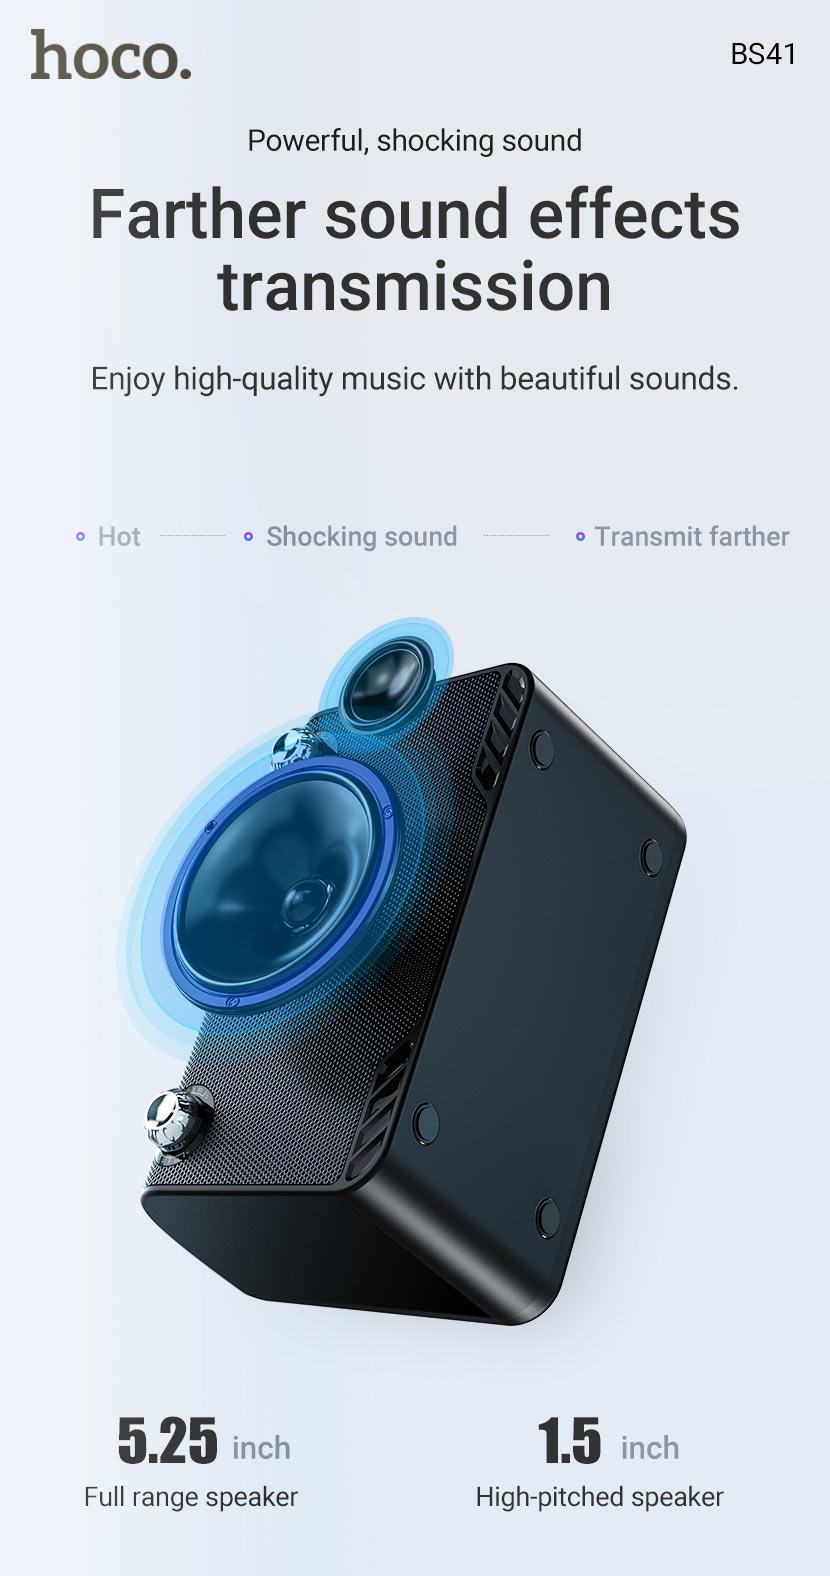 hoco news bs41 warm sound k song wireless speaker effects en